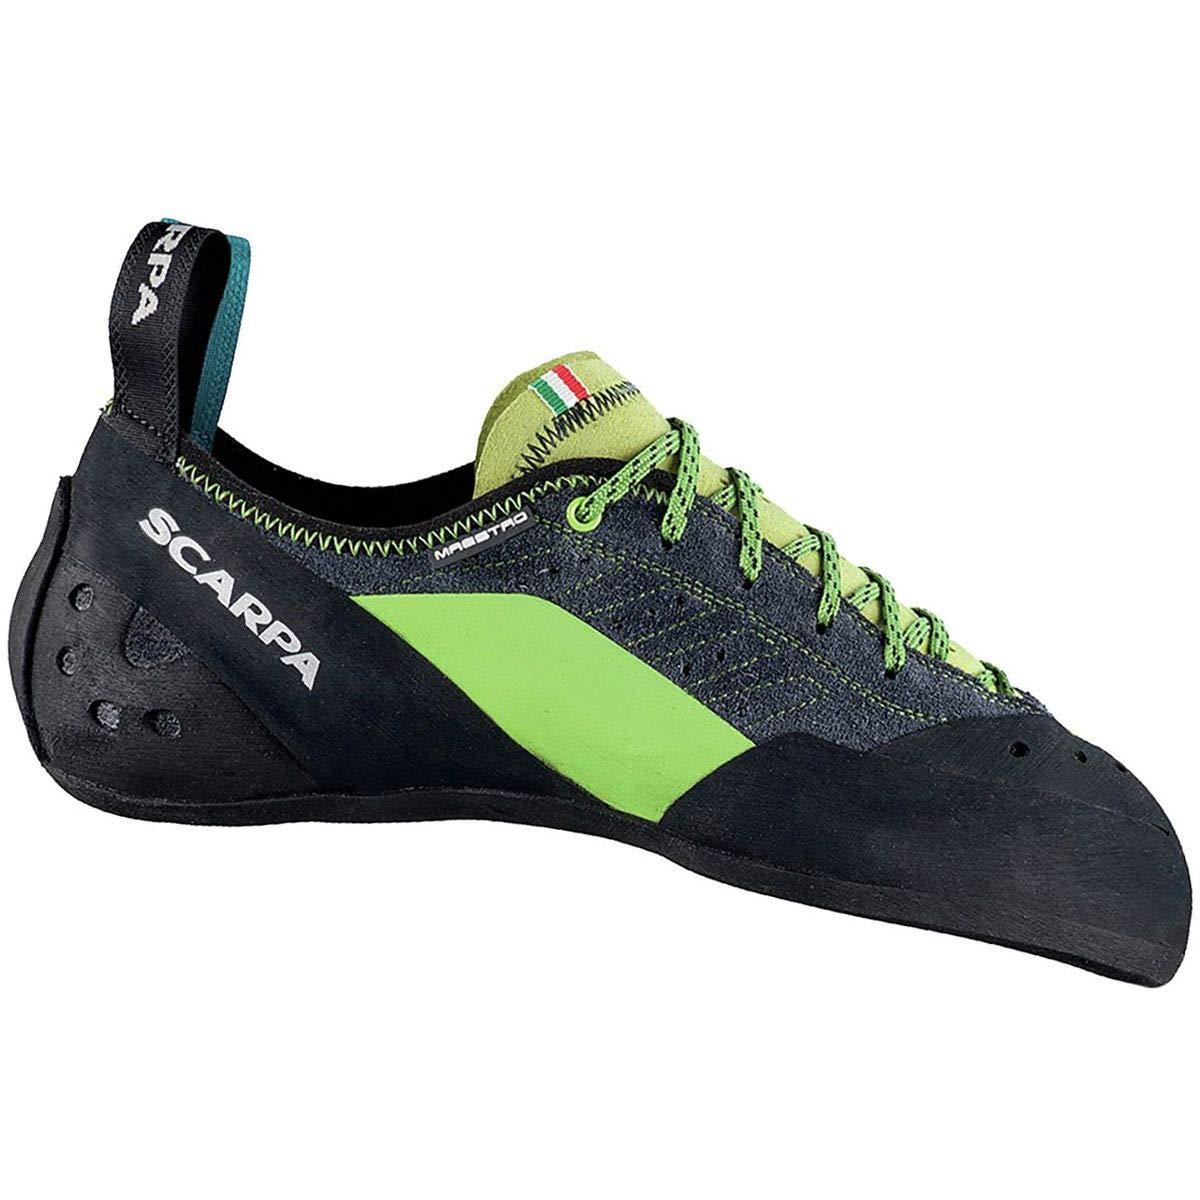 SCARPA Maestro ECO Climbing Shoe - Men's Ink 49